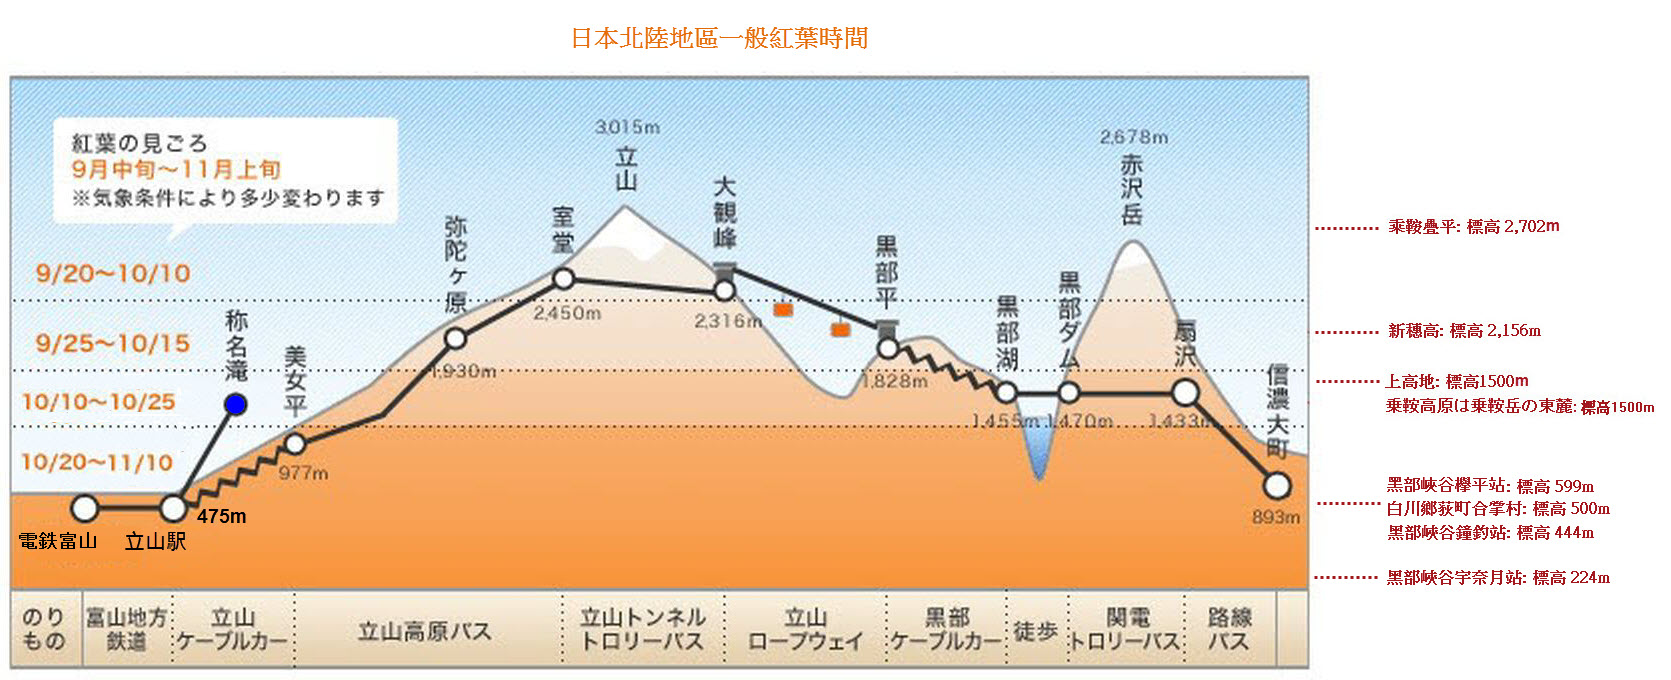 日本北陸地區一般紅葉預測圖